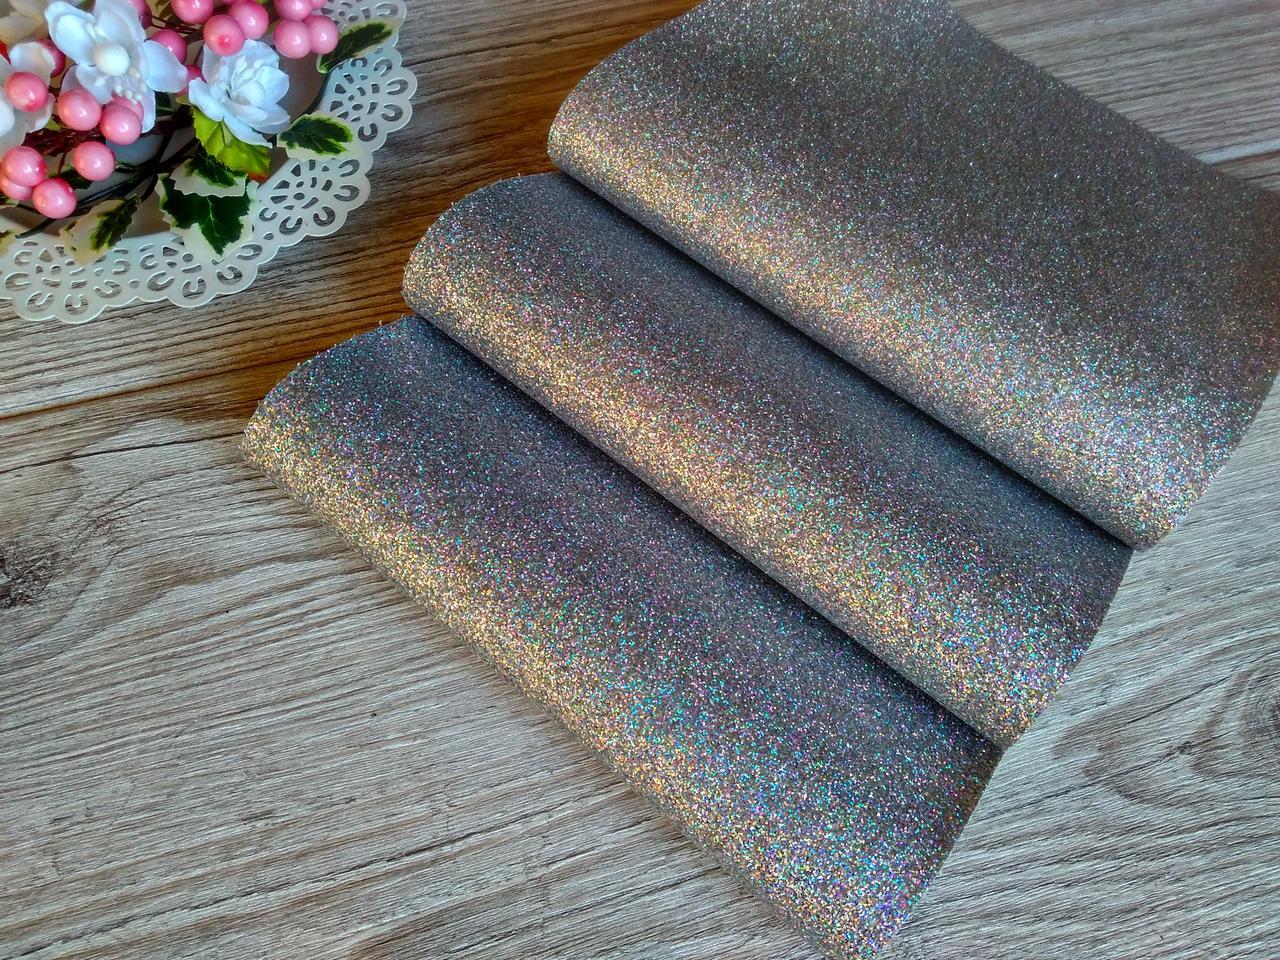 Эко кожа (кожзам) - серебро с мелким глиттером, лист 20 на 34 см. - 22 грн